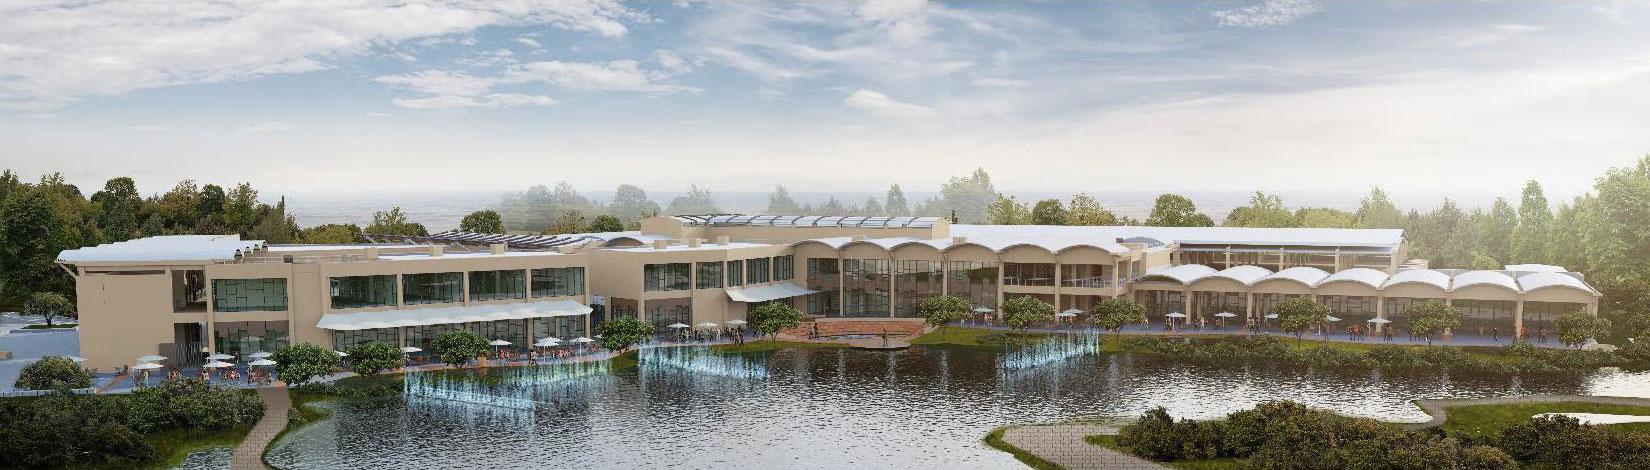 Karen Waterfront Ced Portfolio Shopping Property In Nairobi Kenya